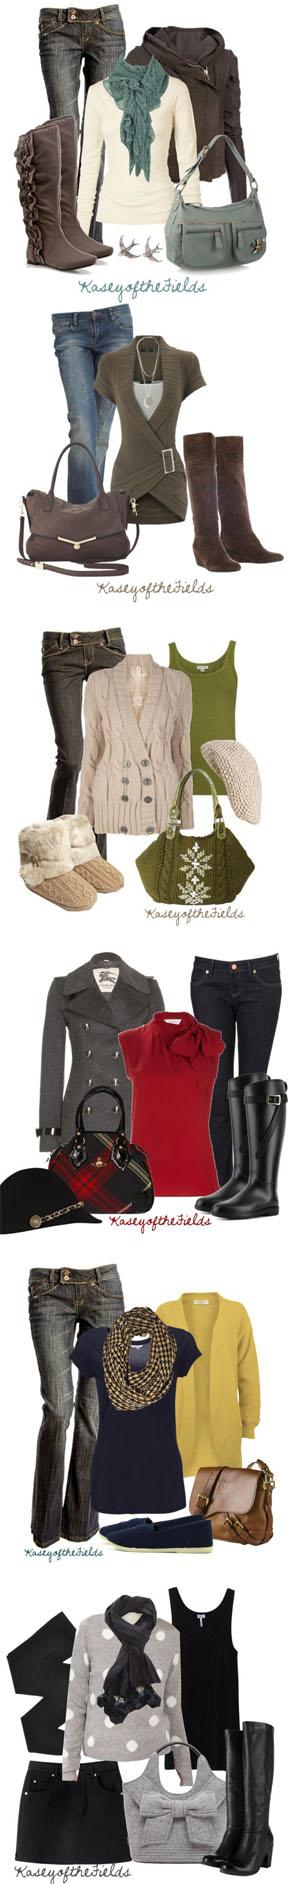 cozy fall fashions